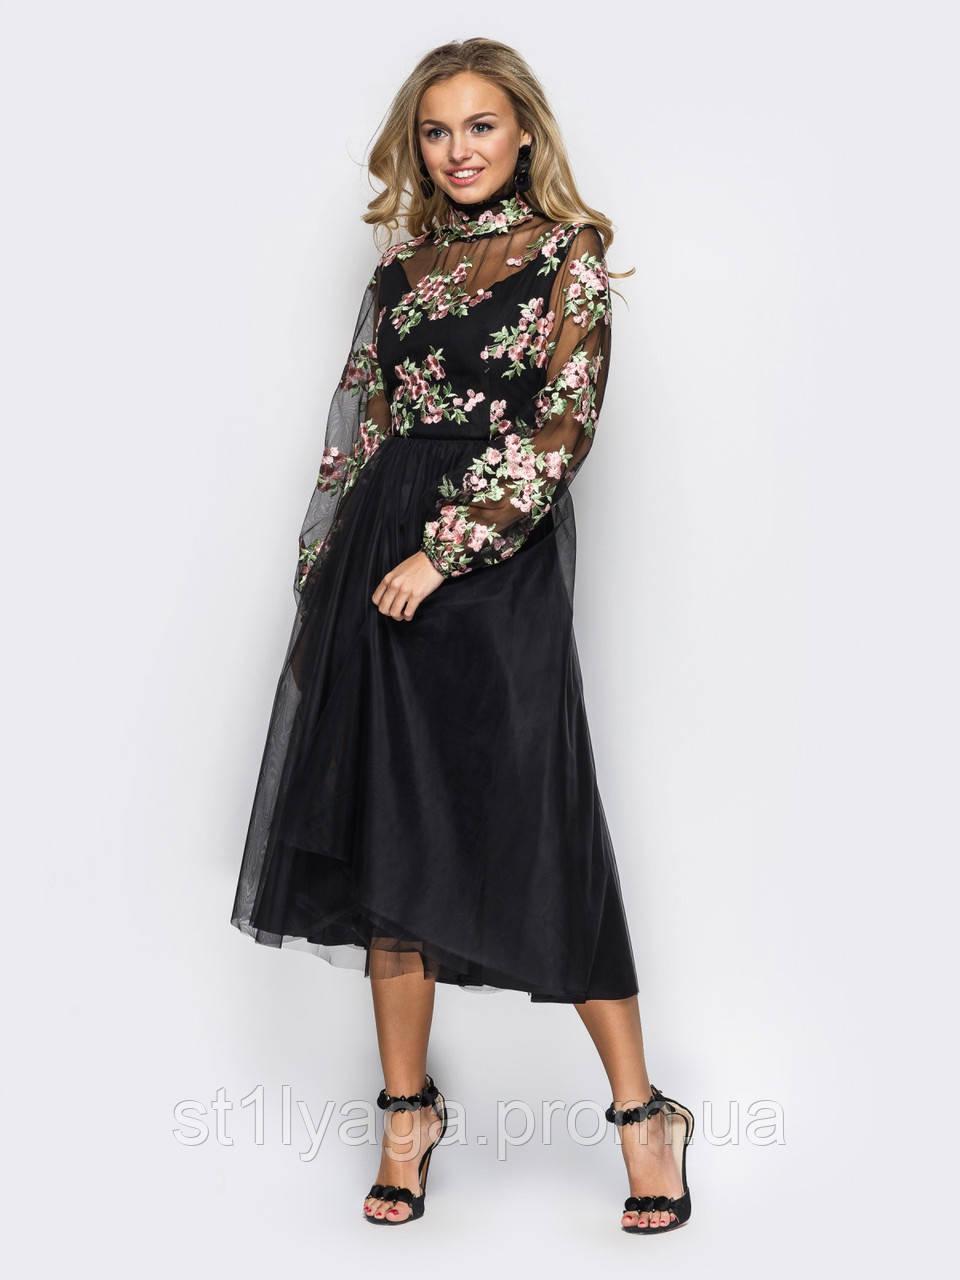 e0ab50f583ea4d0 Вечернее платье из фатина с красивой вышивкой черный - Интернет-магазин  Stilyaga-Shop.